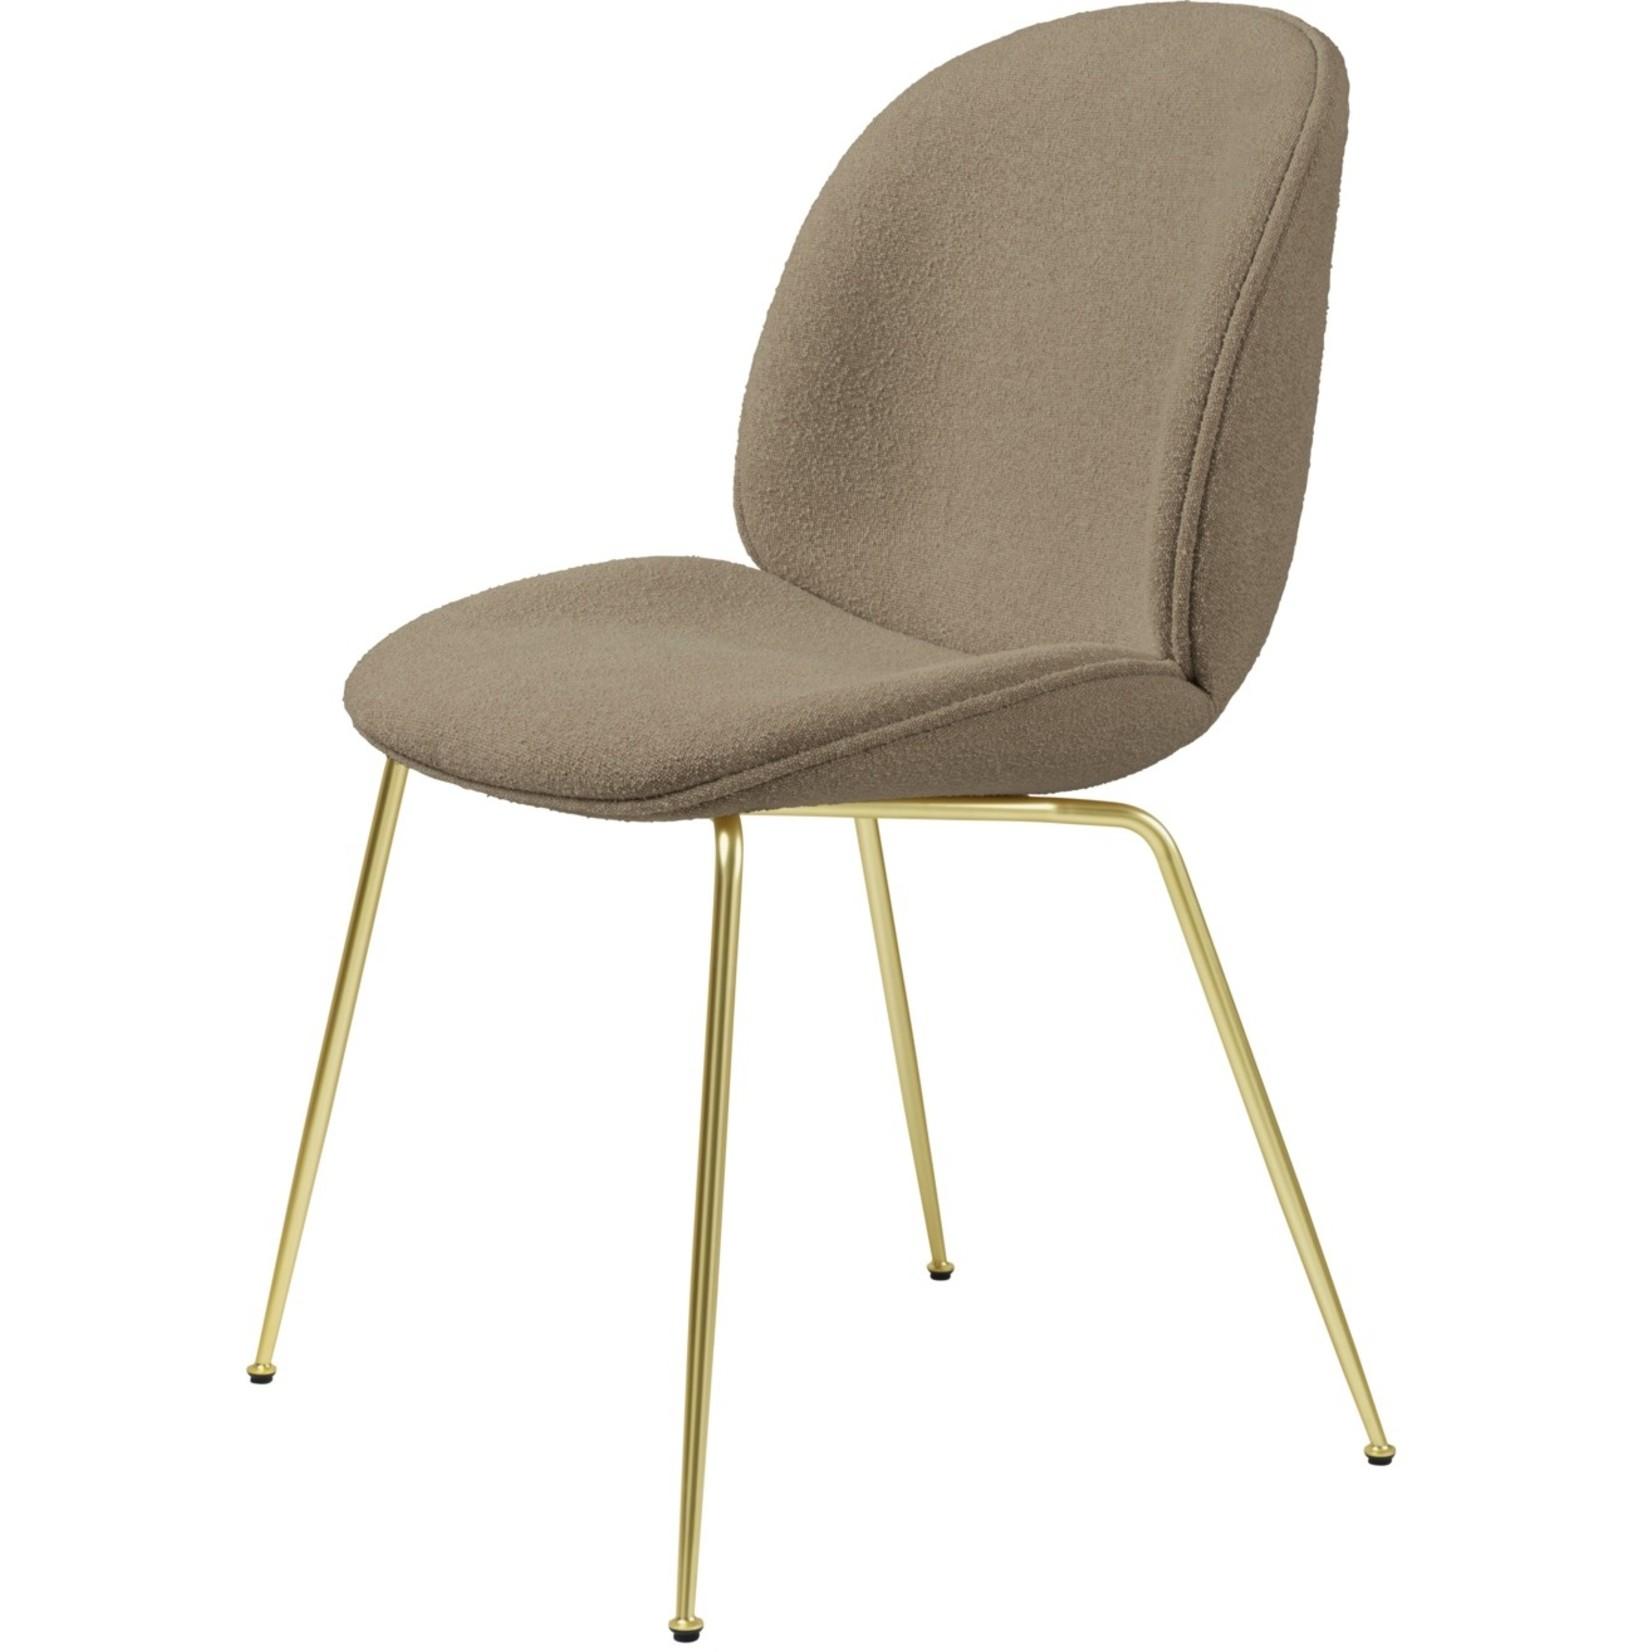 Gubi Chaise de salle à manger Beetle | Light Bouclé 003 & Base Laiton Semi Mat